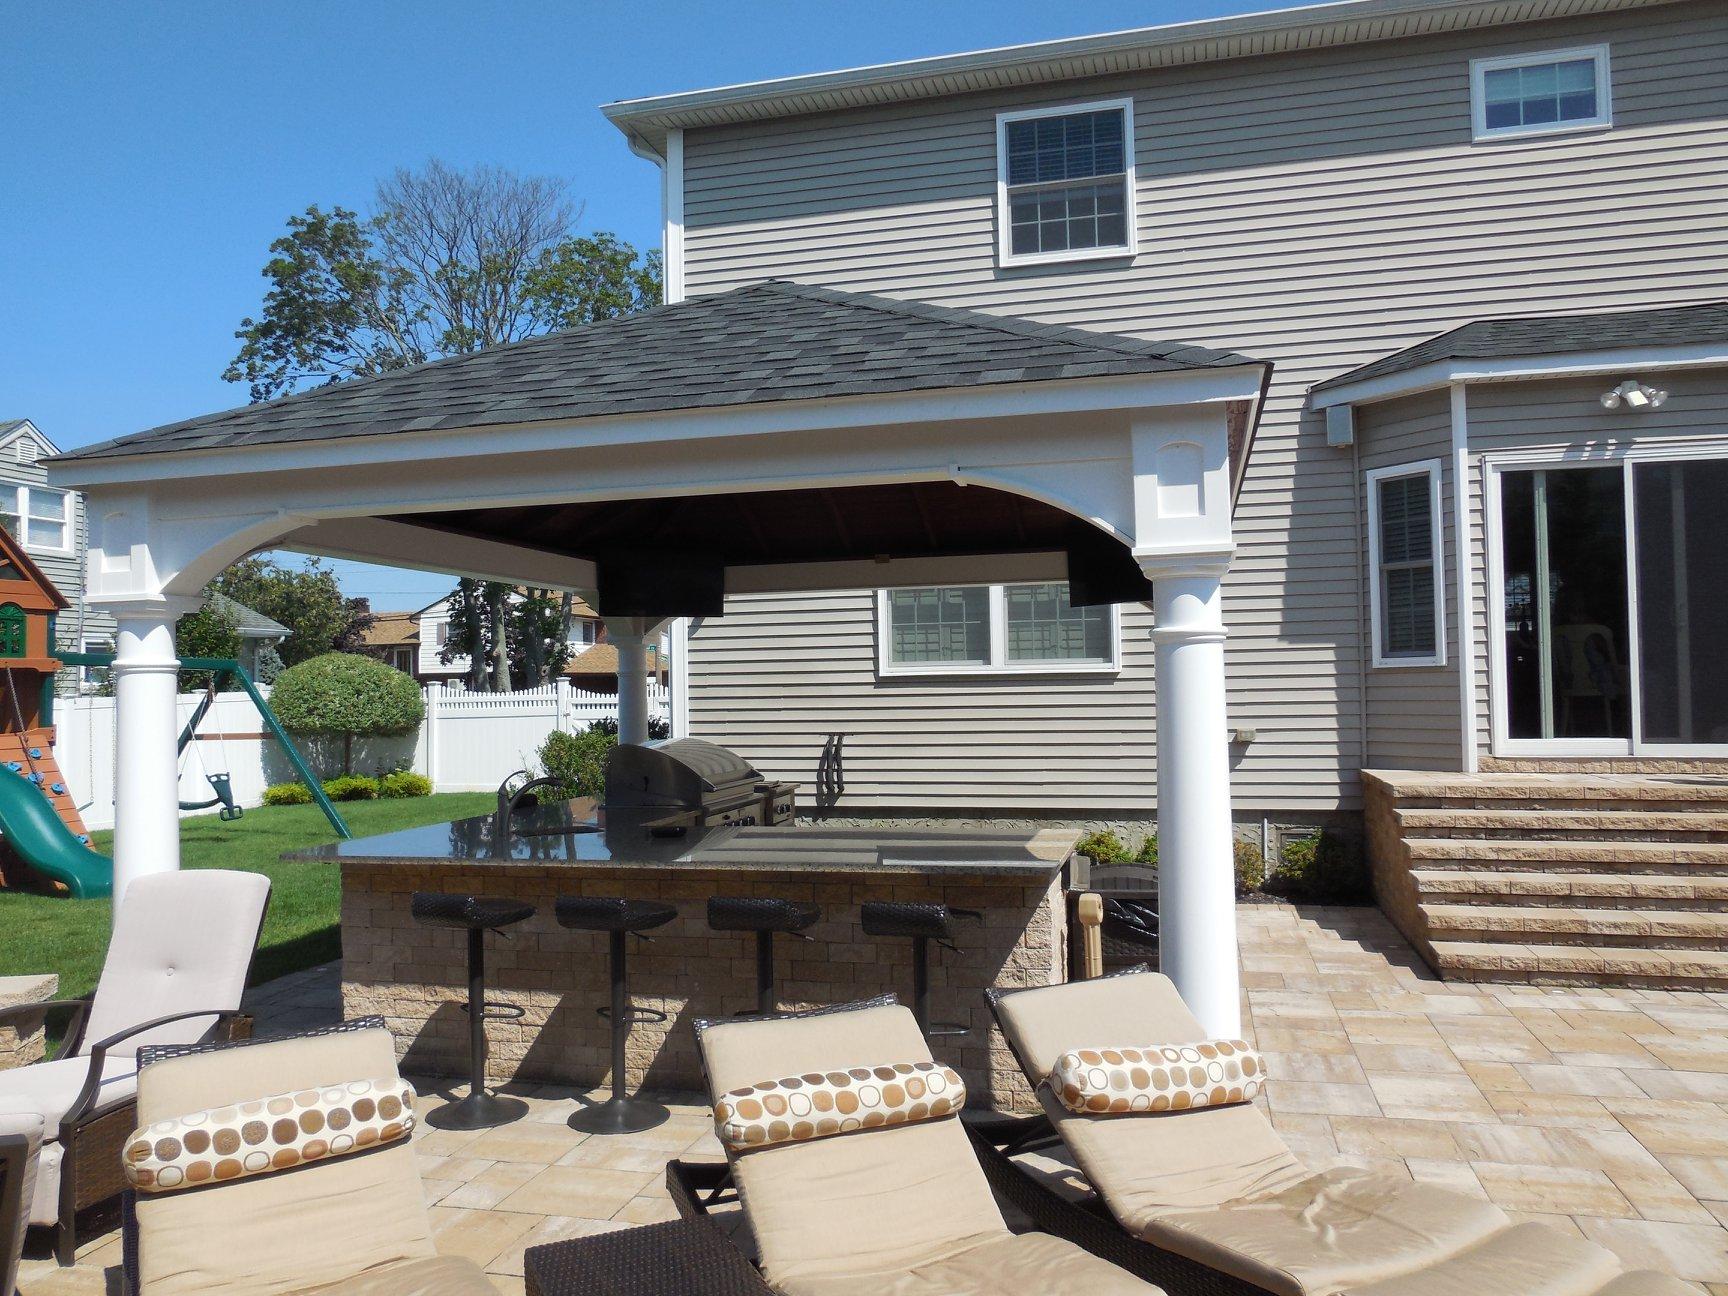 14x16 pavilion with round columns (1).jpg